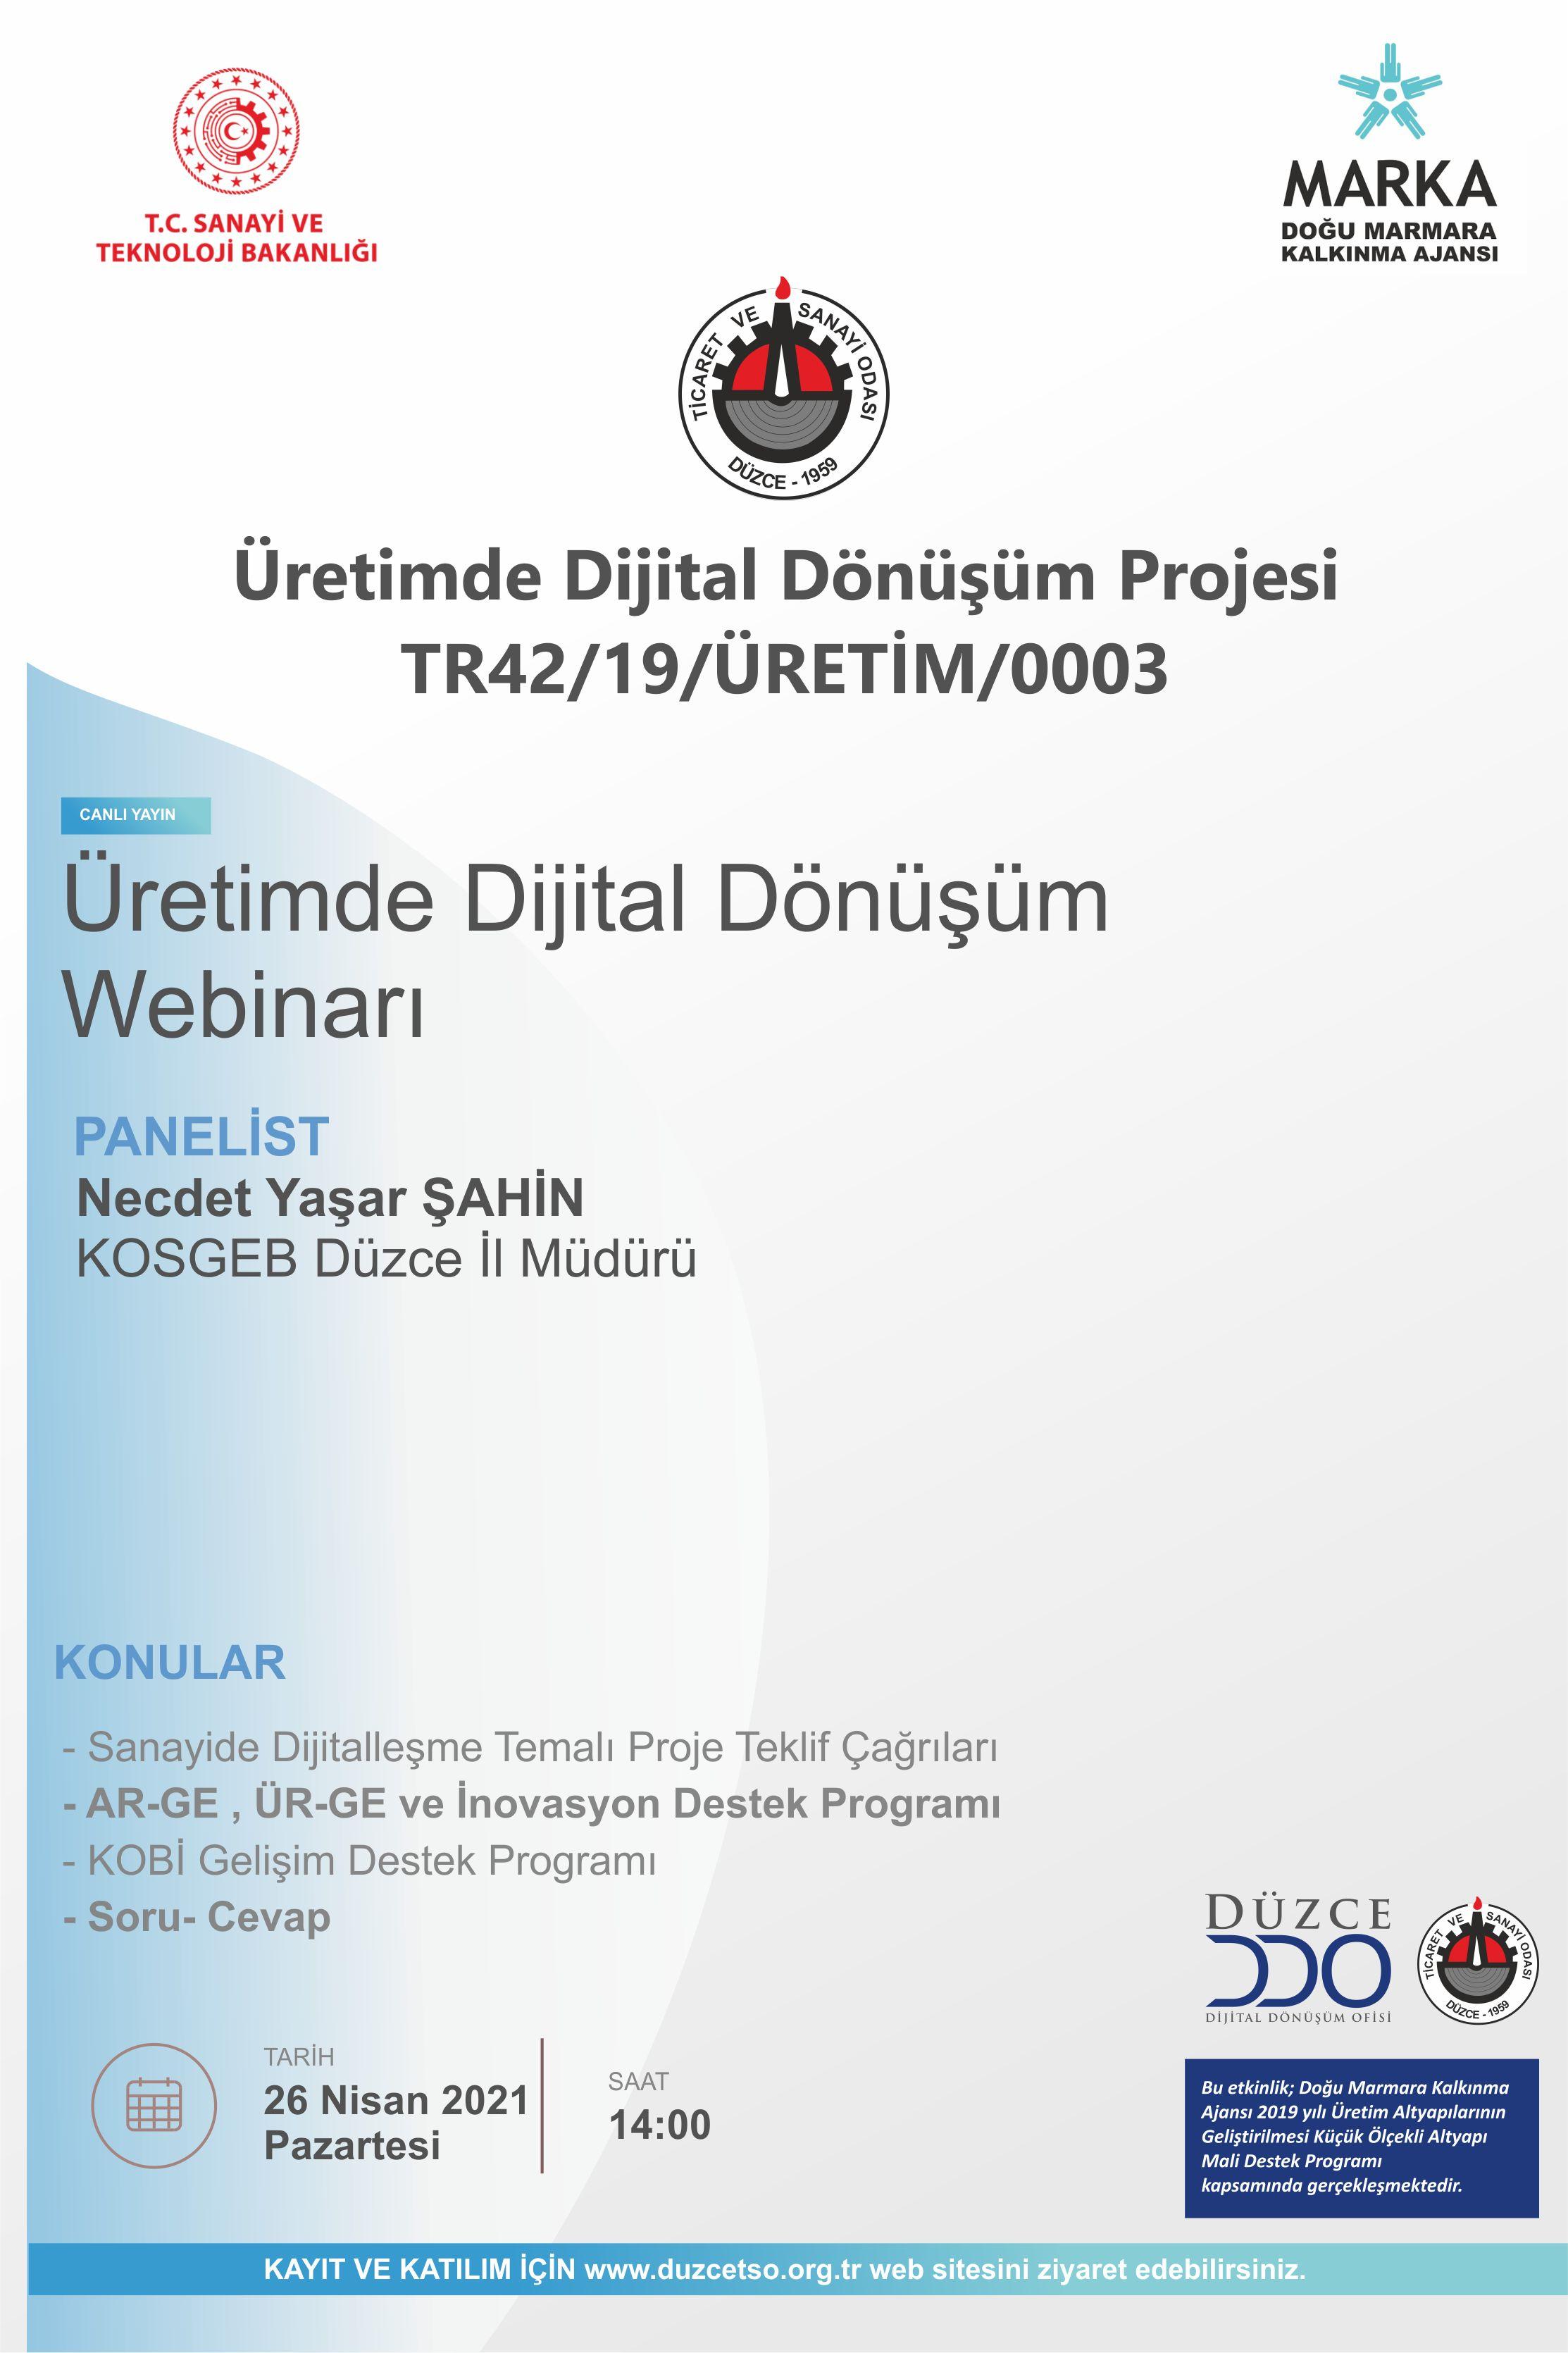 Üretimde Dijital Dönüşüm Semineri